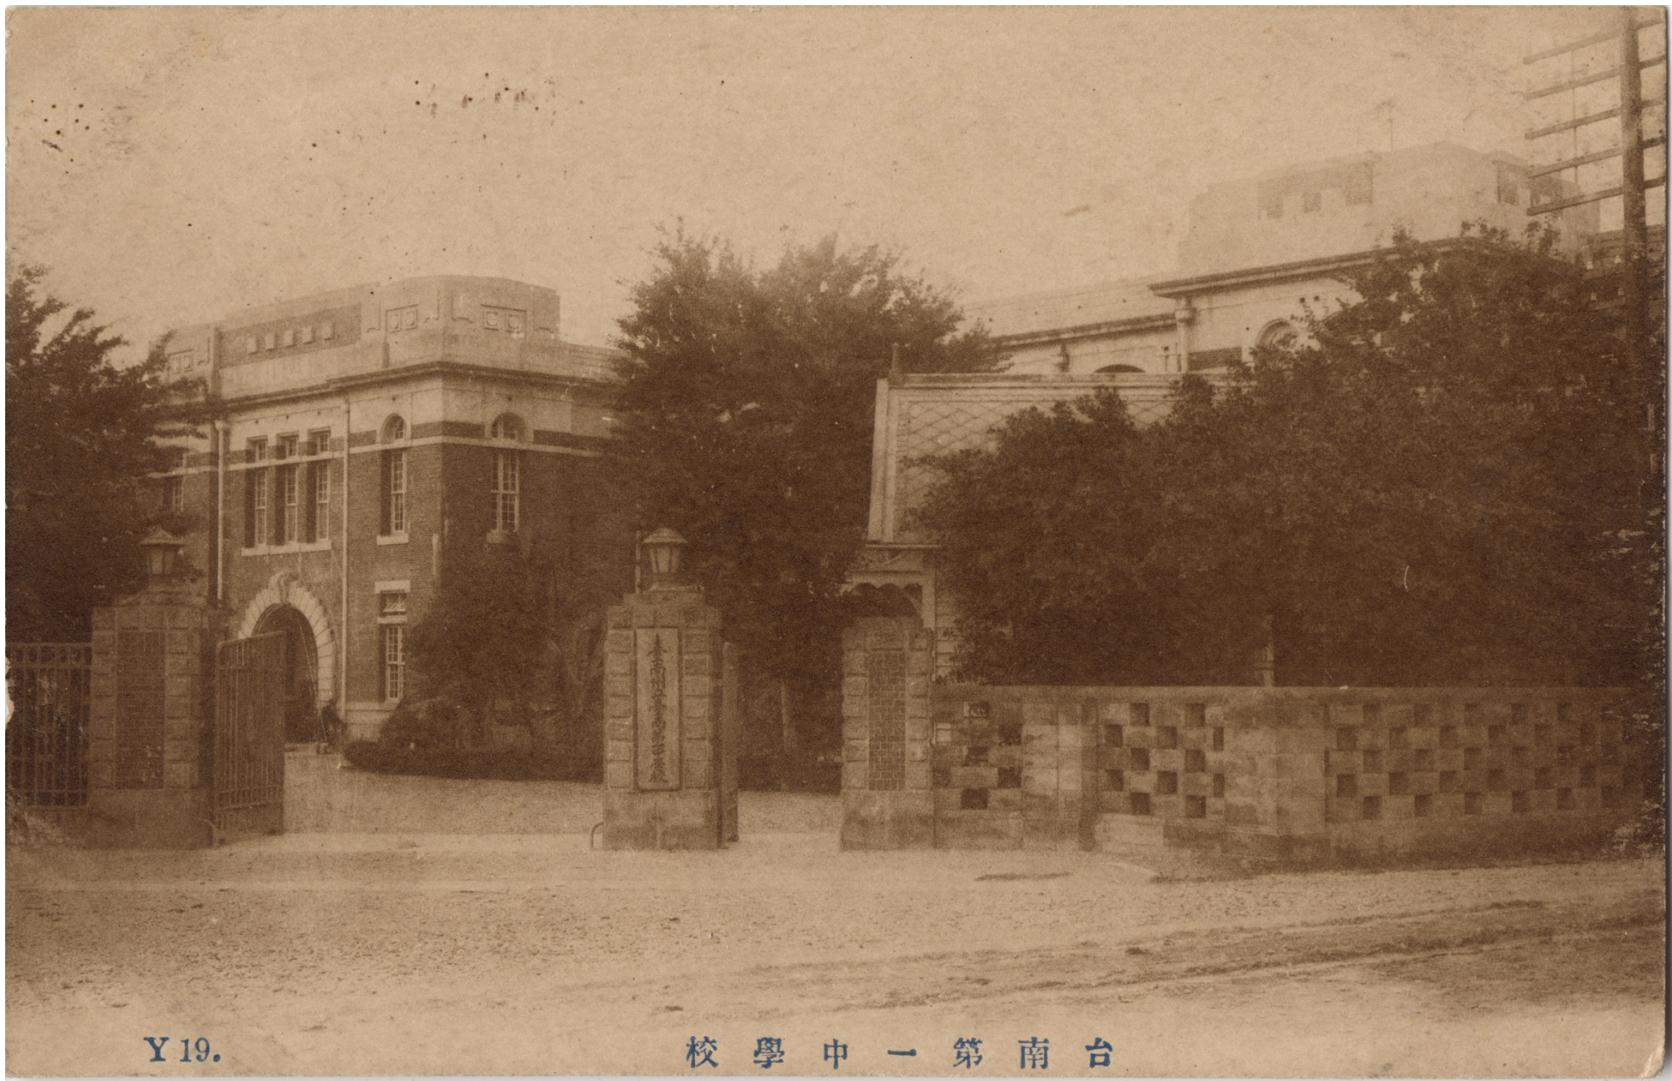 葉盛吉於 1936 年進入臺南第一中學校(今國立臺南第二高級中學)就讀,並於 1941 年畢業。就學期間住在學校的宿舍。圖│「臺南第一中學校」,費邁克集藏,中央研究院臺灣史研究所檔案館提供